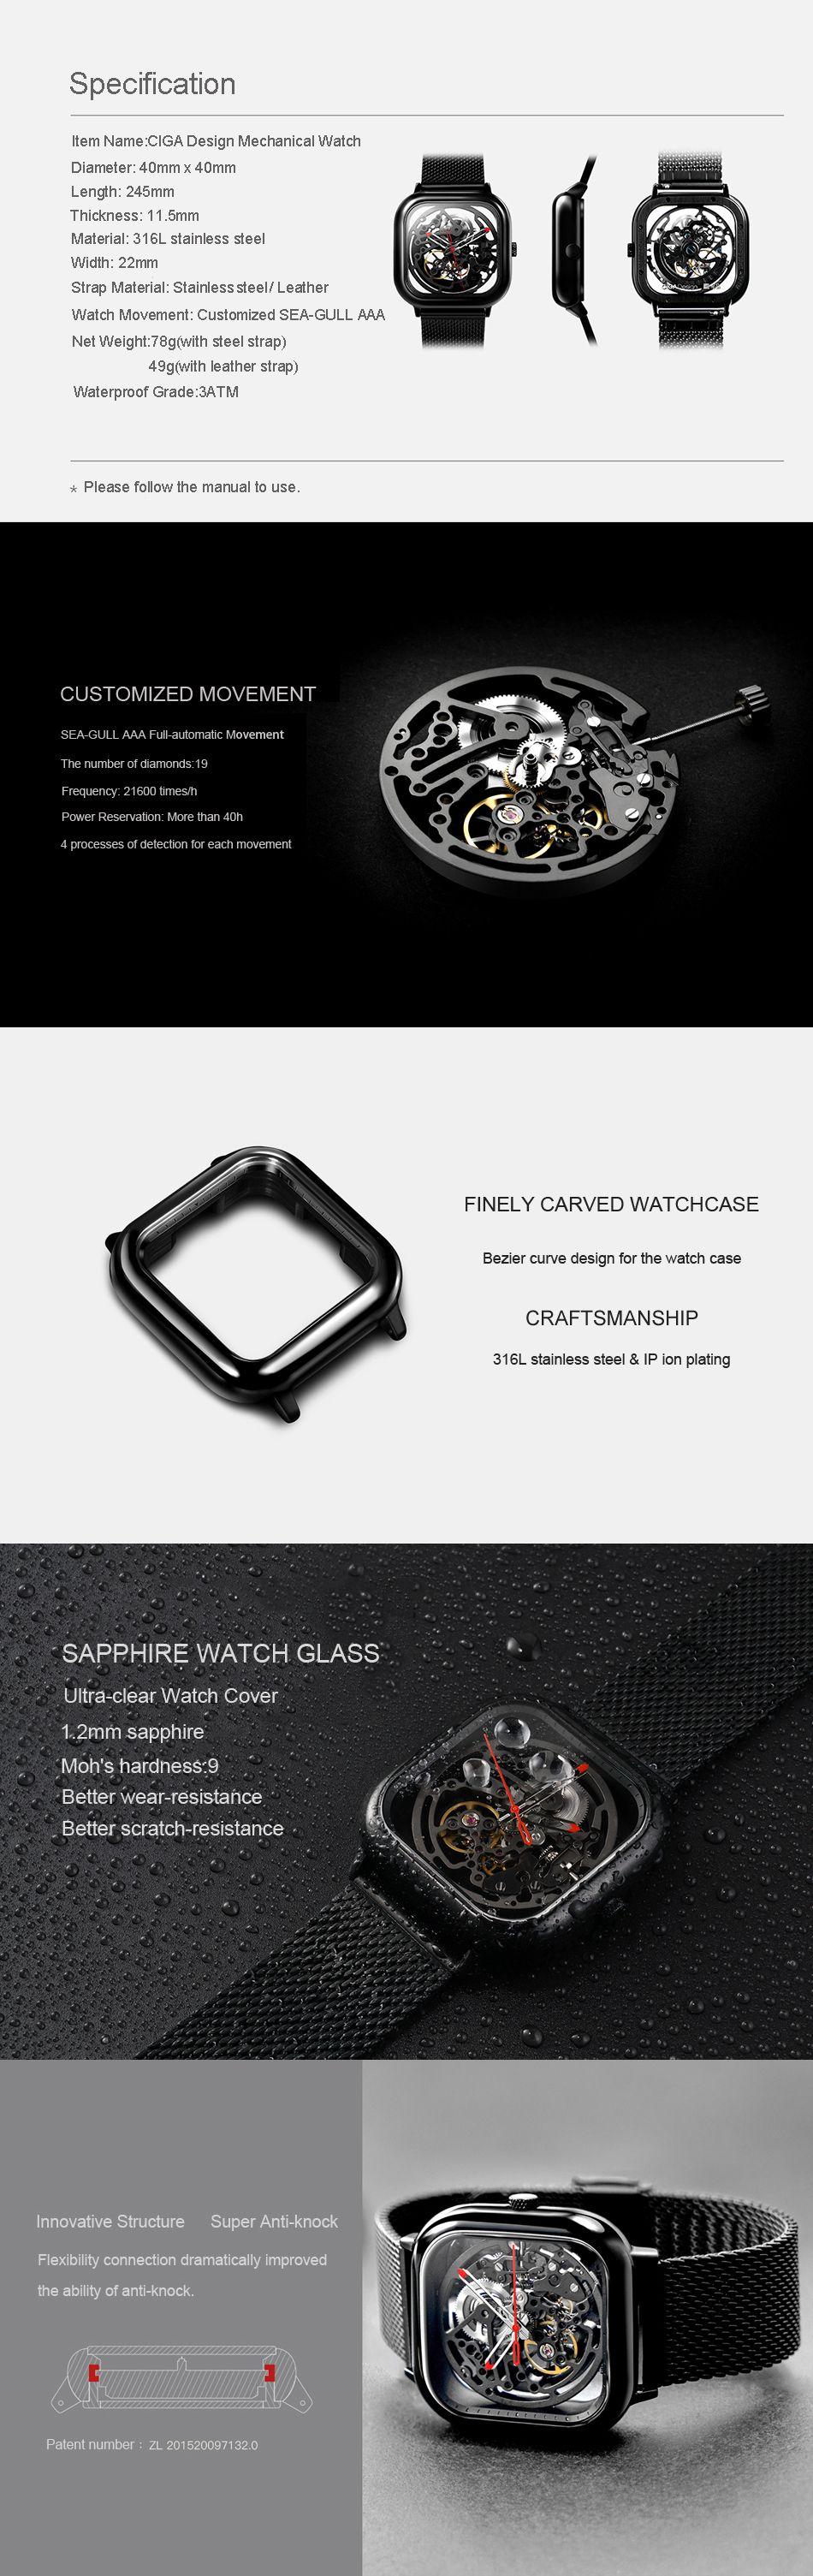 Xiaomi Ciga Wristwatch Hollow Mechanical Stainless Steel Mens Watch (5)